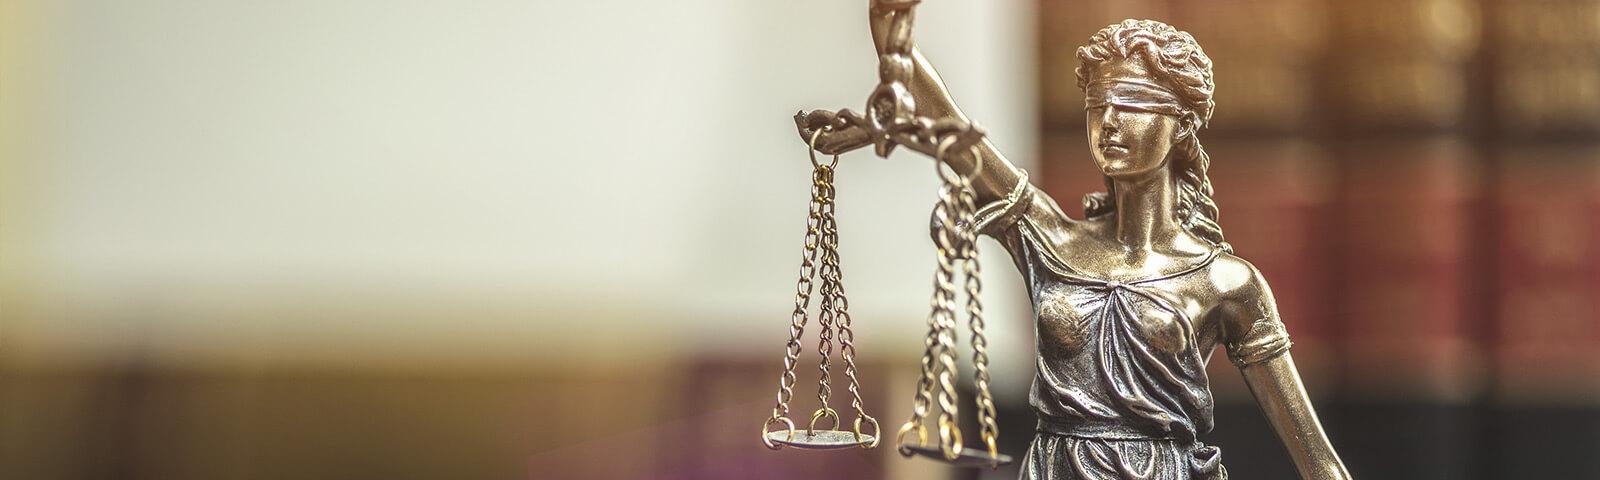 Rechtsanwaltskanzlei für Zivilrecht in Augsburg